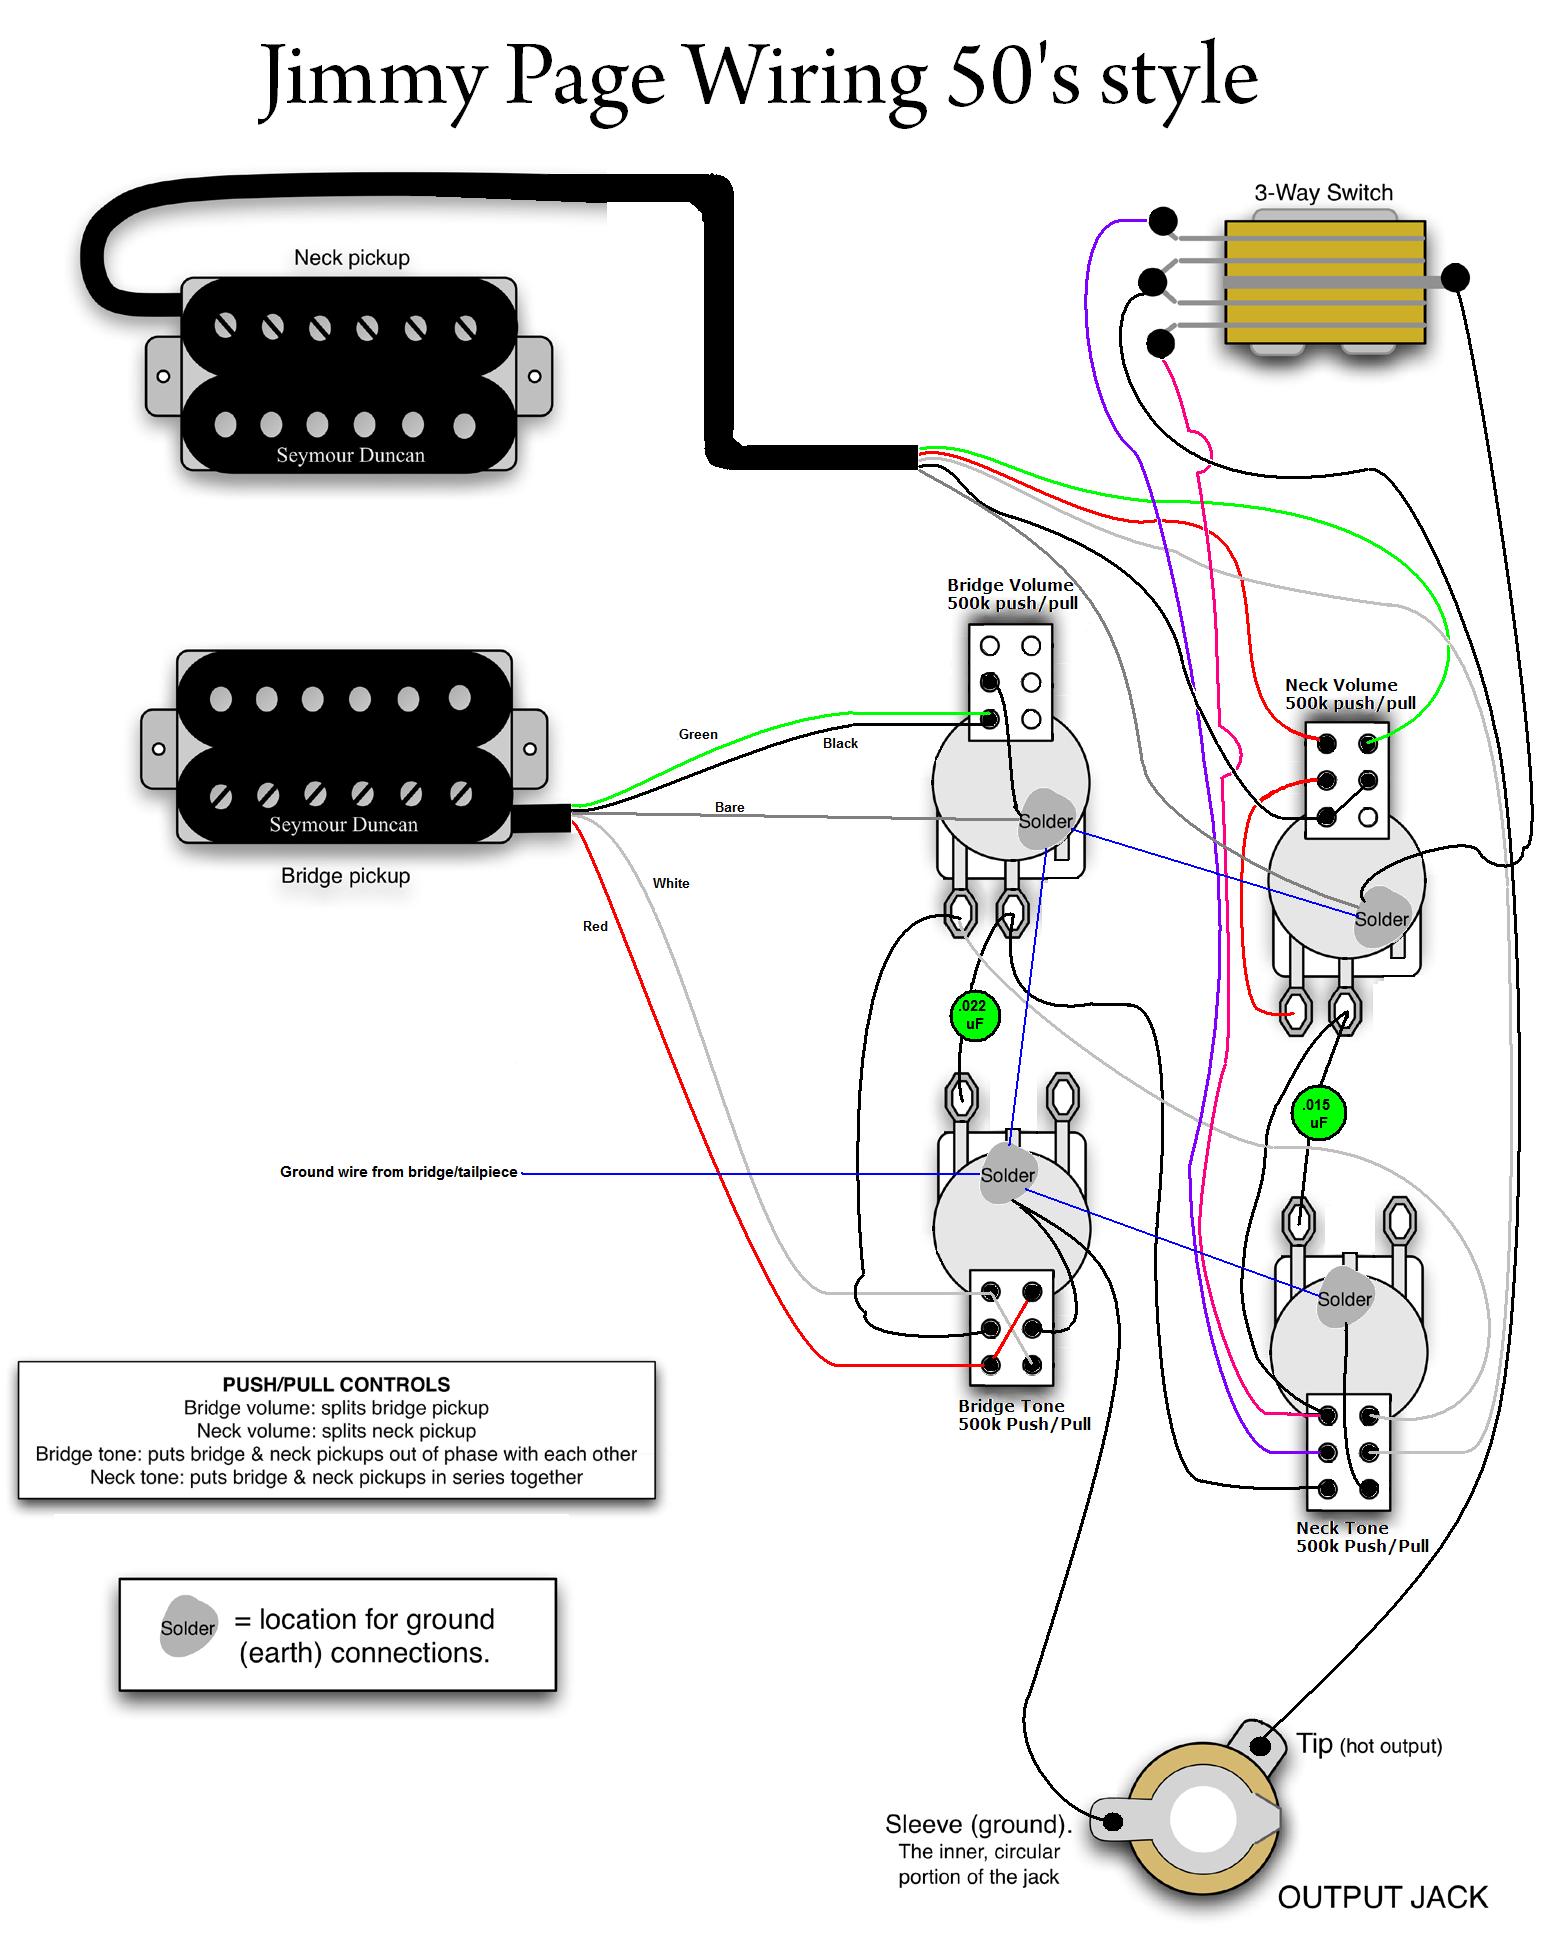 Jimmy Page 50s Wiring  MyLesPaul | Instruments in 2019 | Guitarras, Musica instrumentos